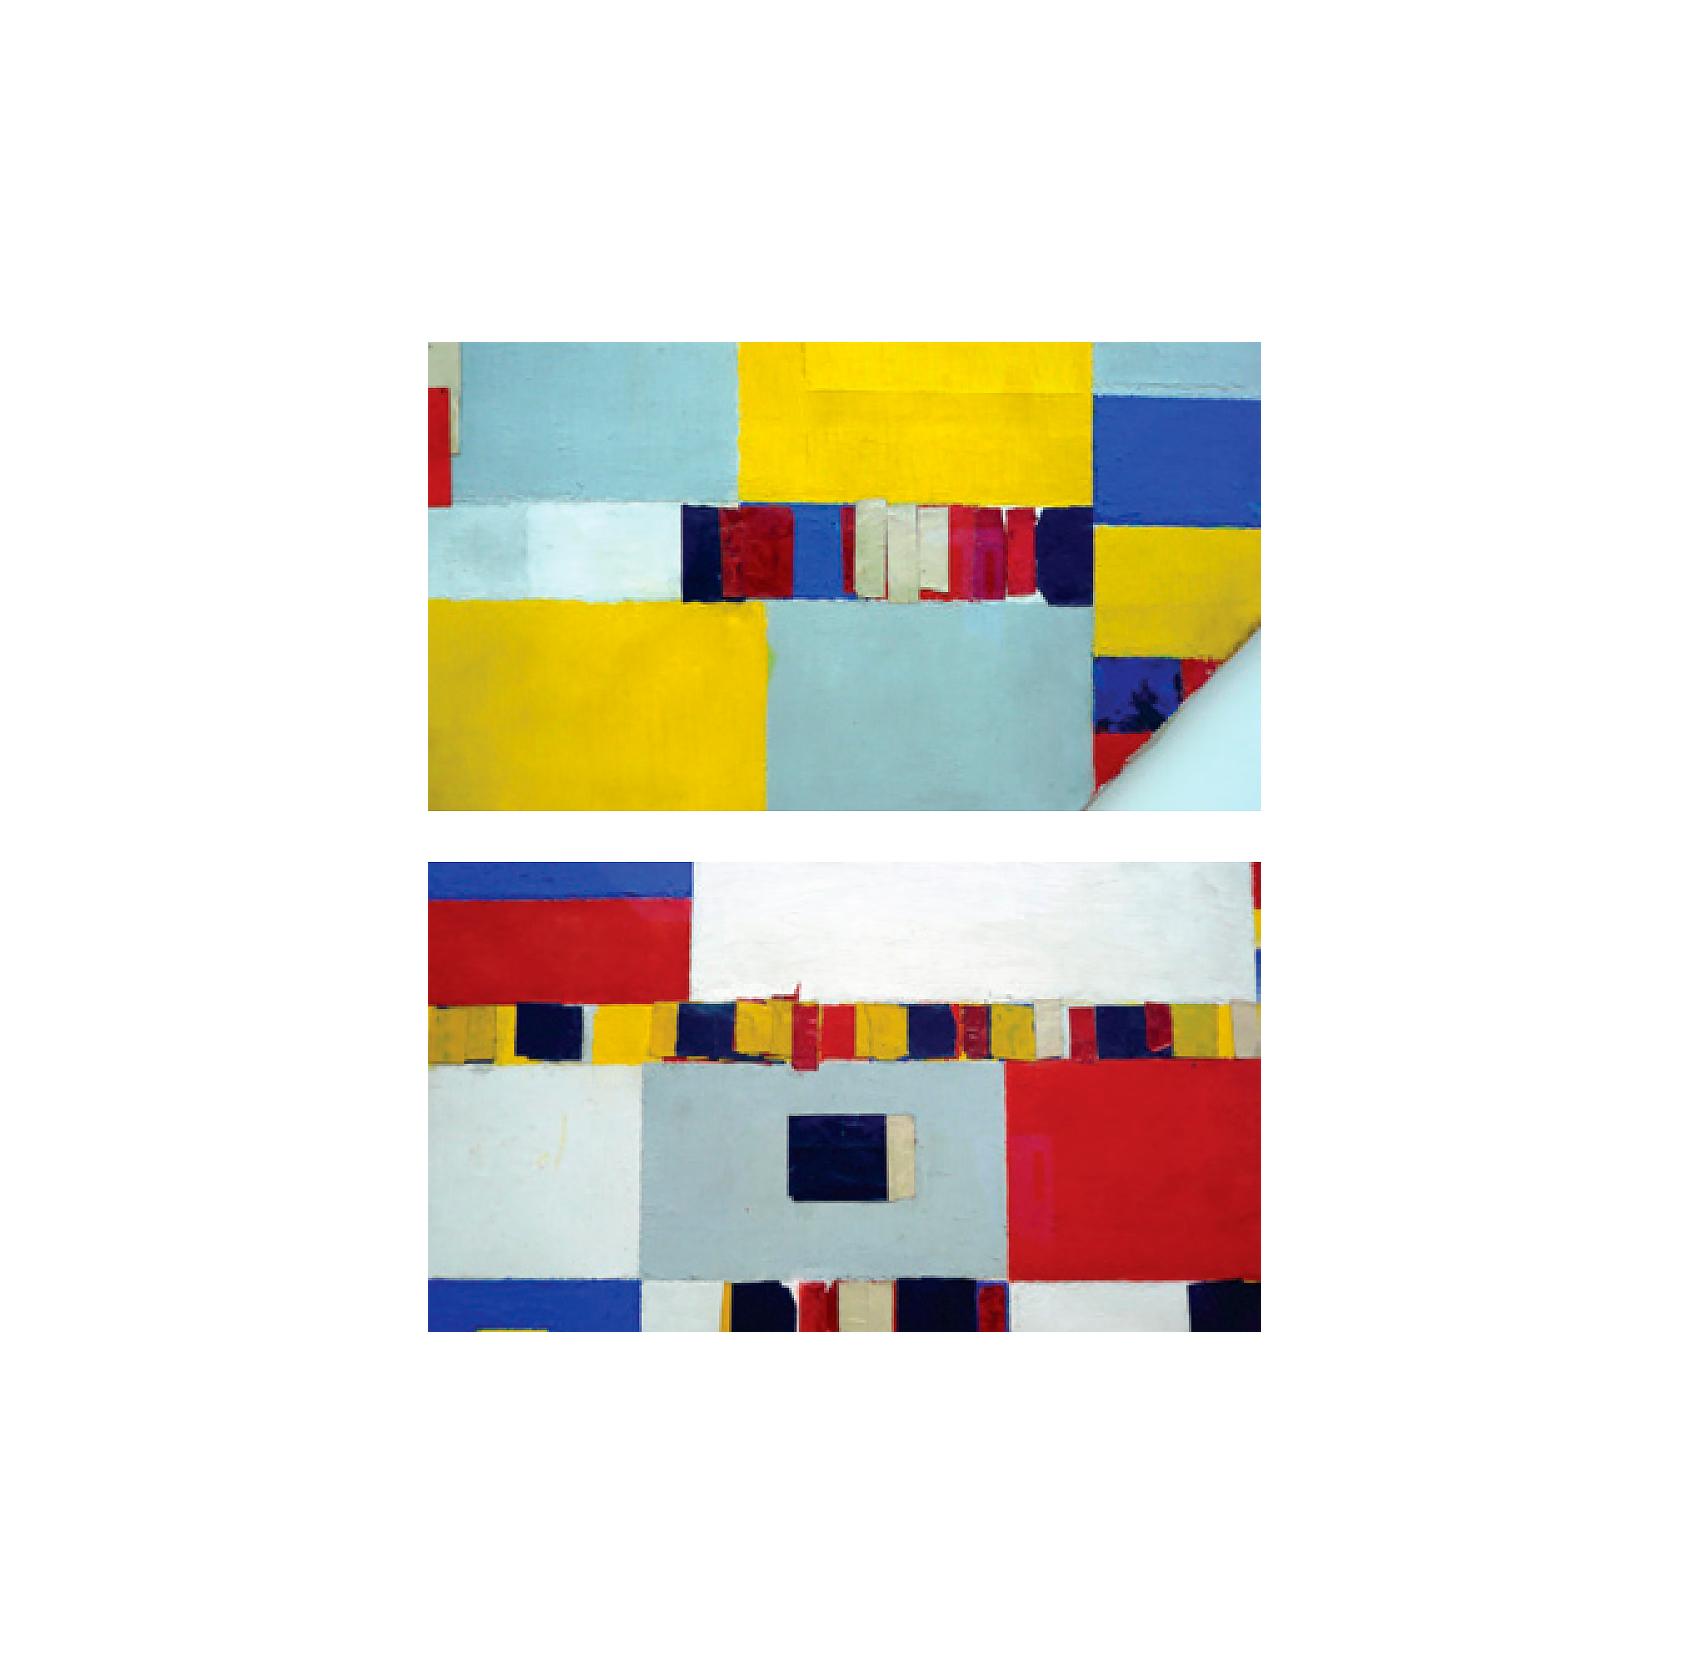 Piet Mondrian, Victory Boogie Woogie (details), 1943-44 Photo: Hubert Besacier